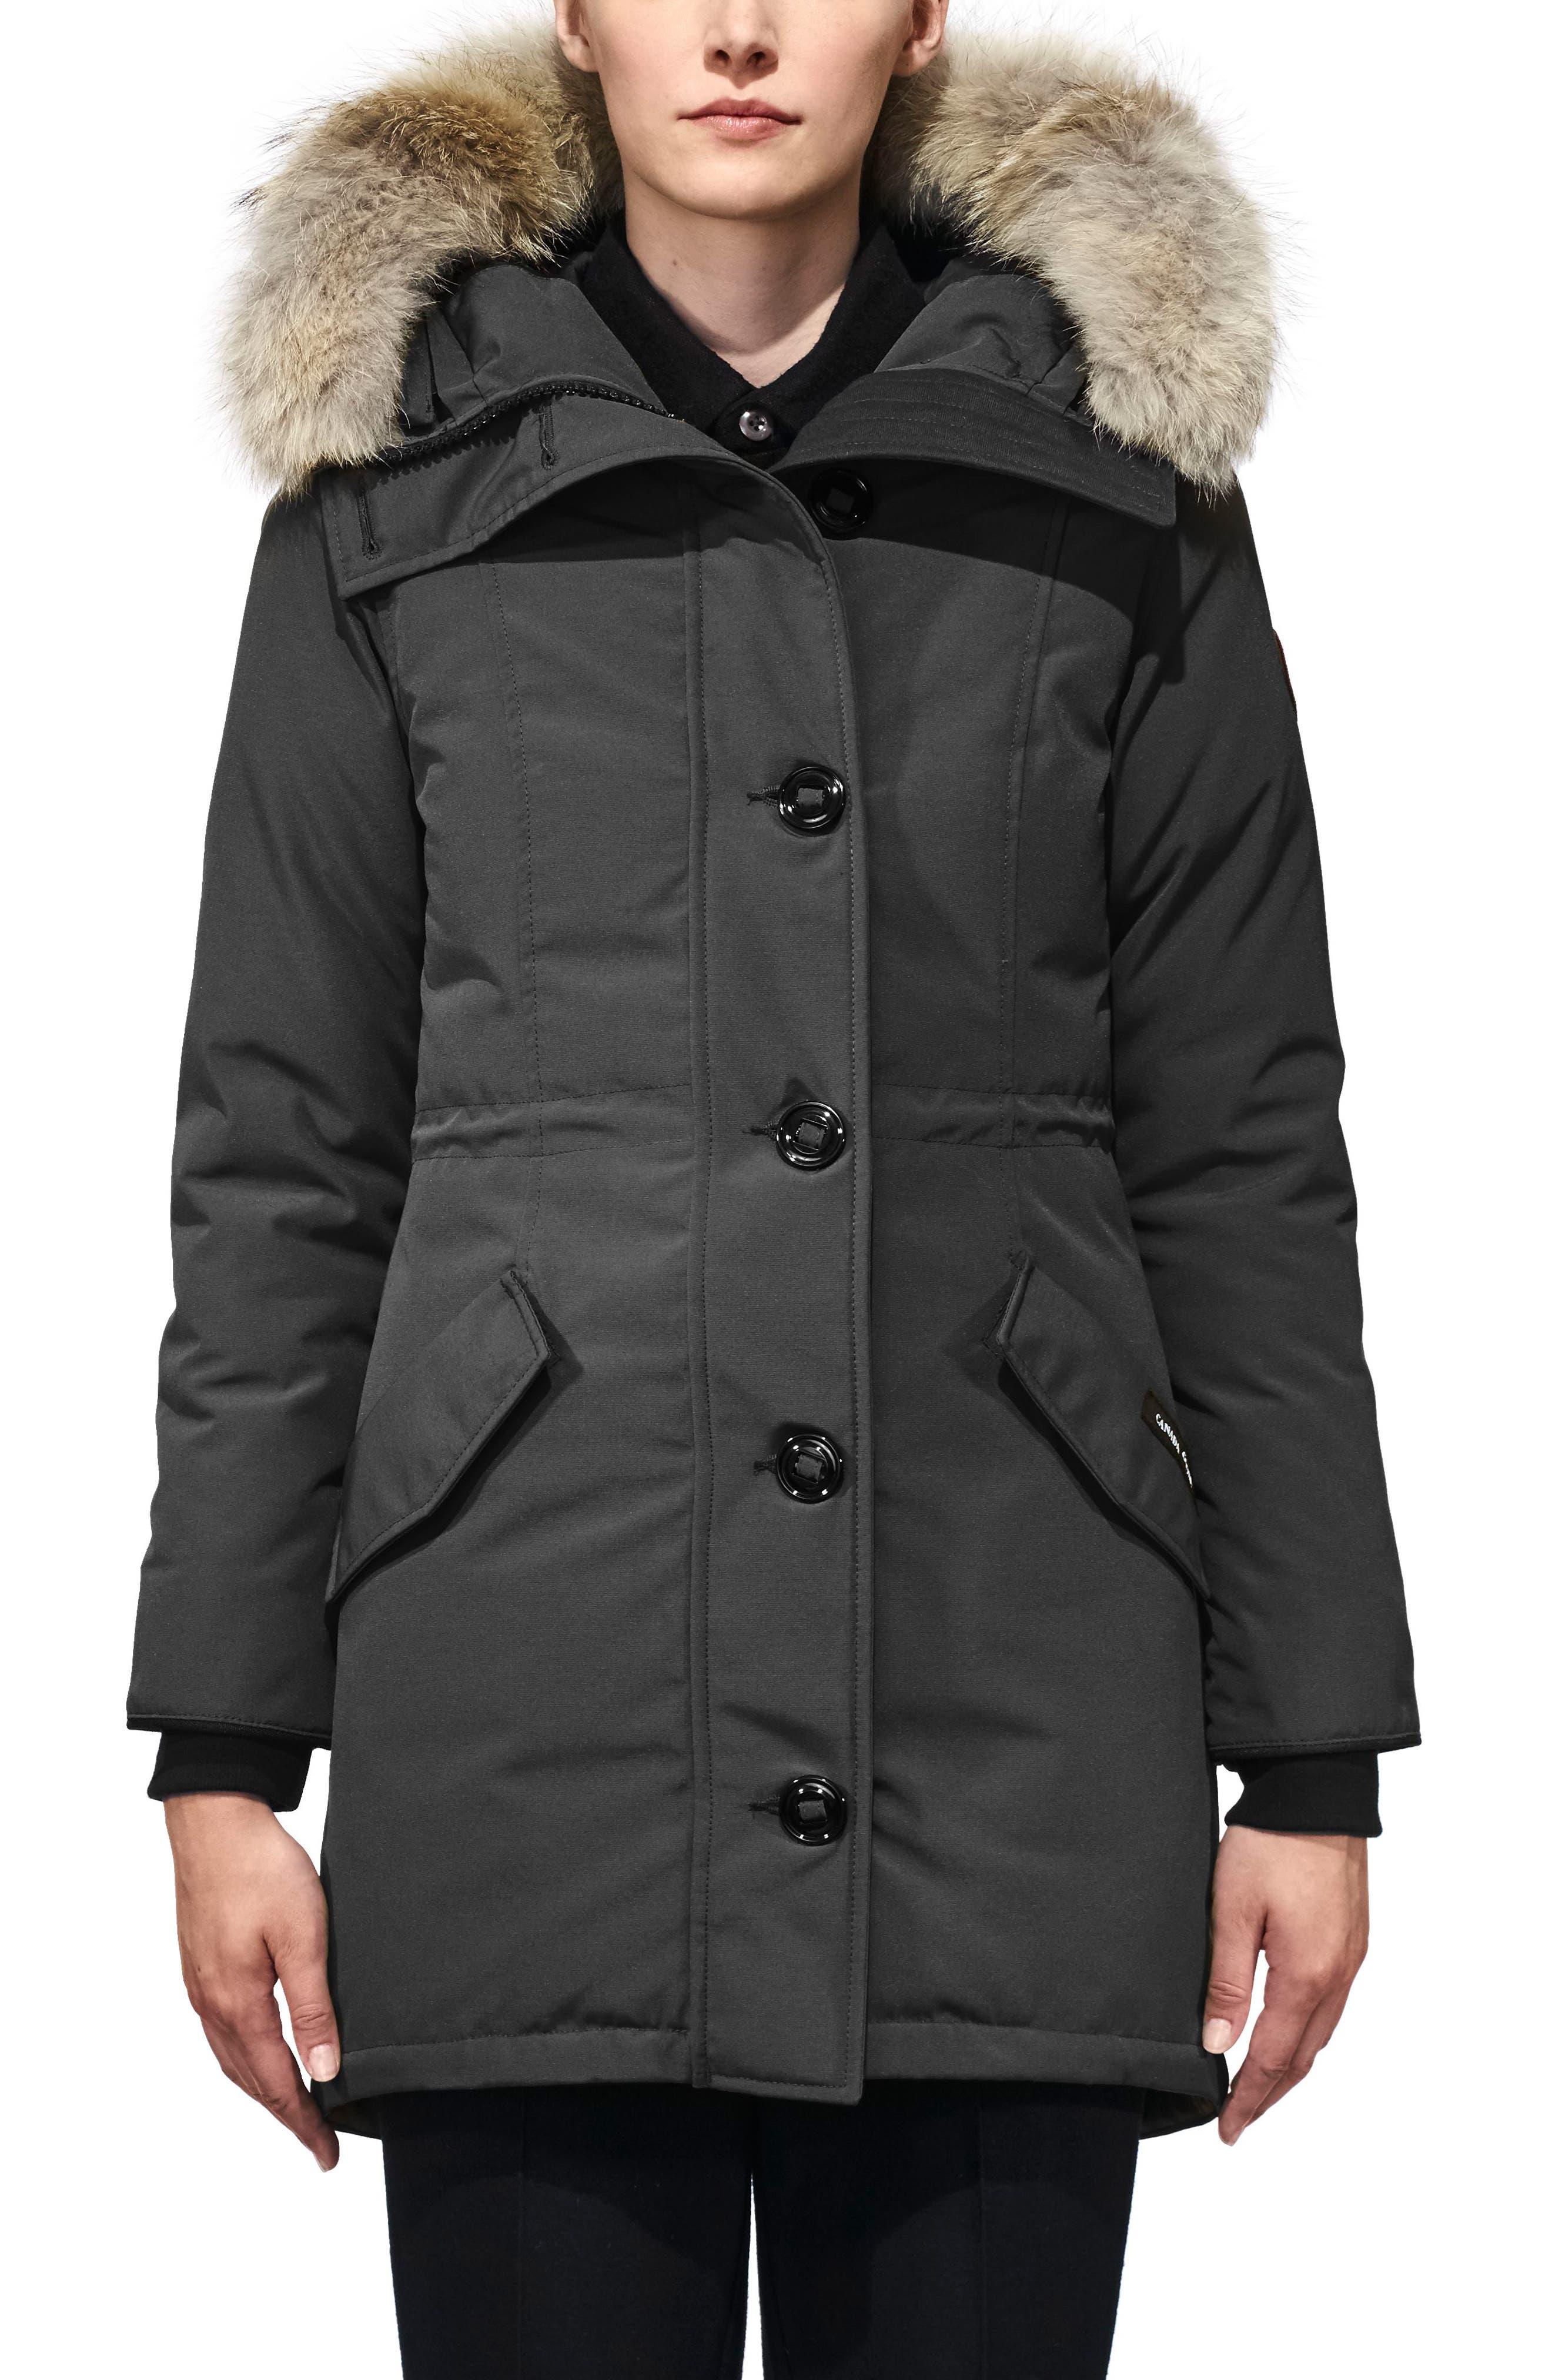 Rossclair Fusion Fit Genuine Coyote Fur Trim Down Parka,                         Main,                         color, Graphite